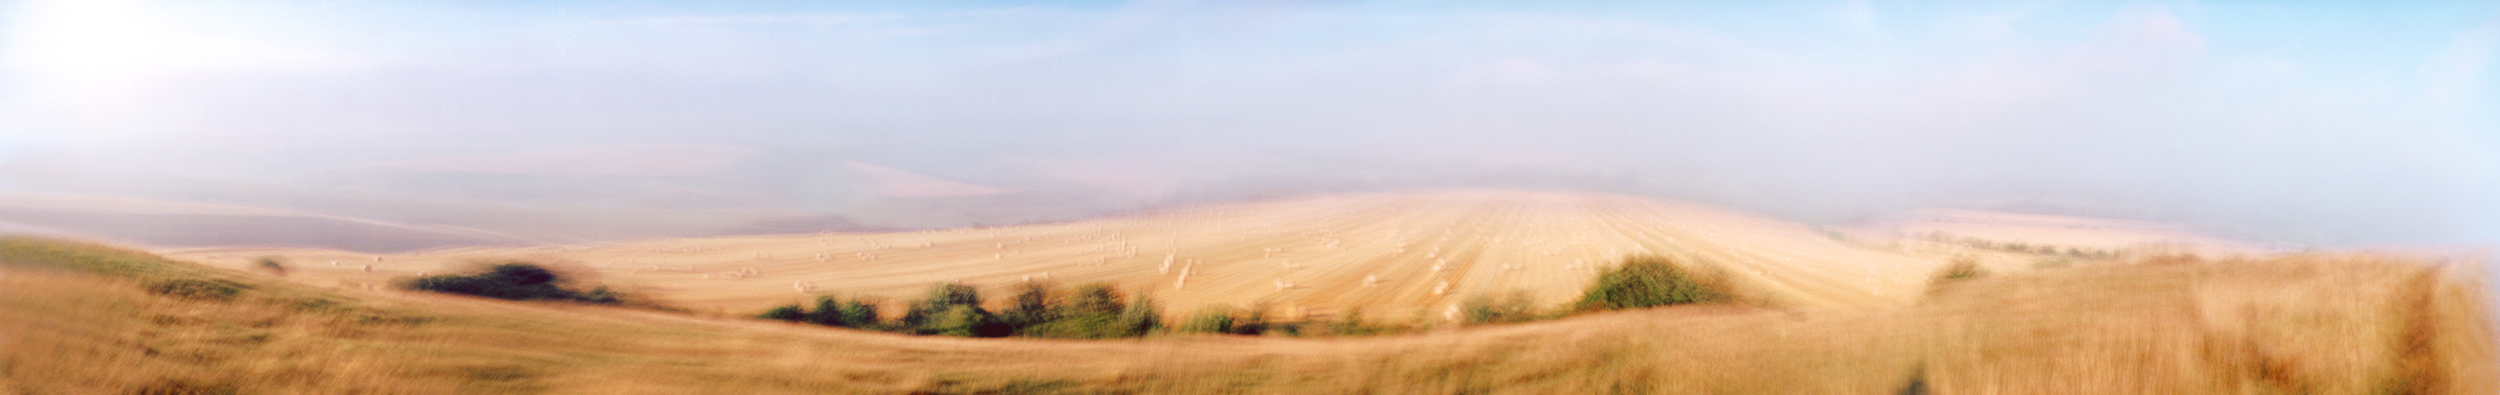 Wiltshire Fields, 2004